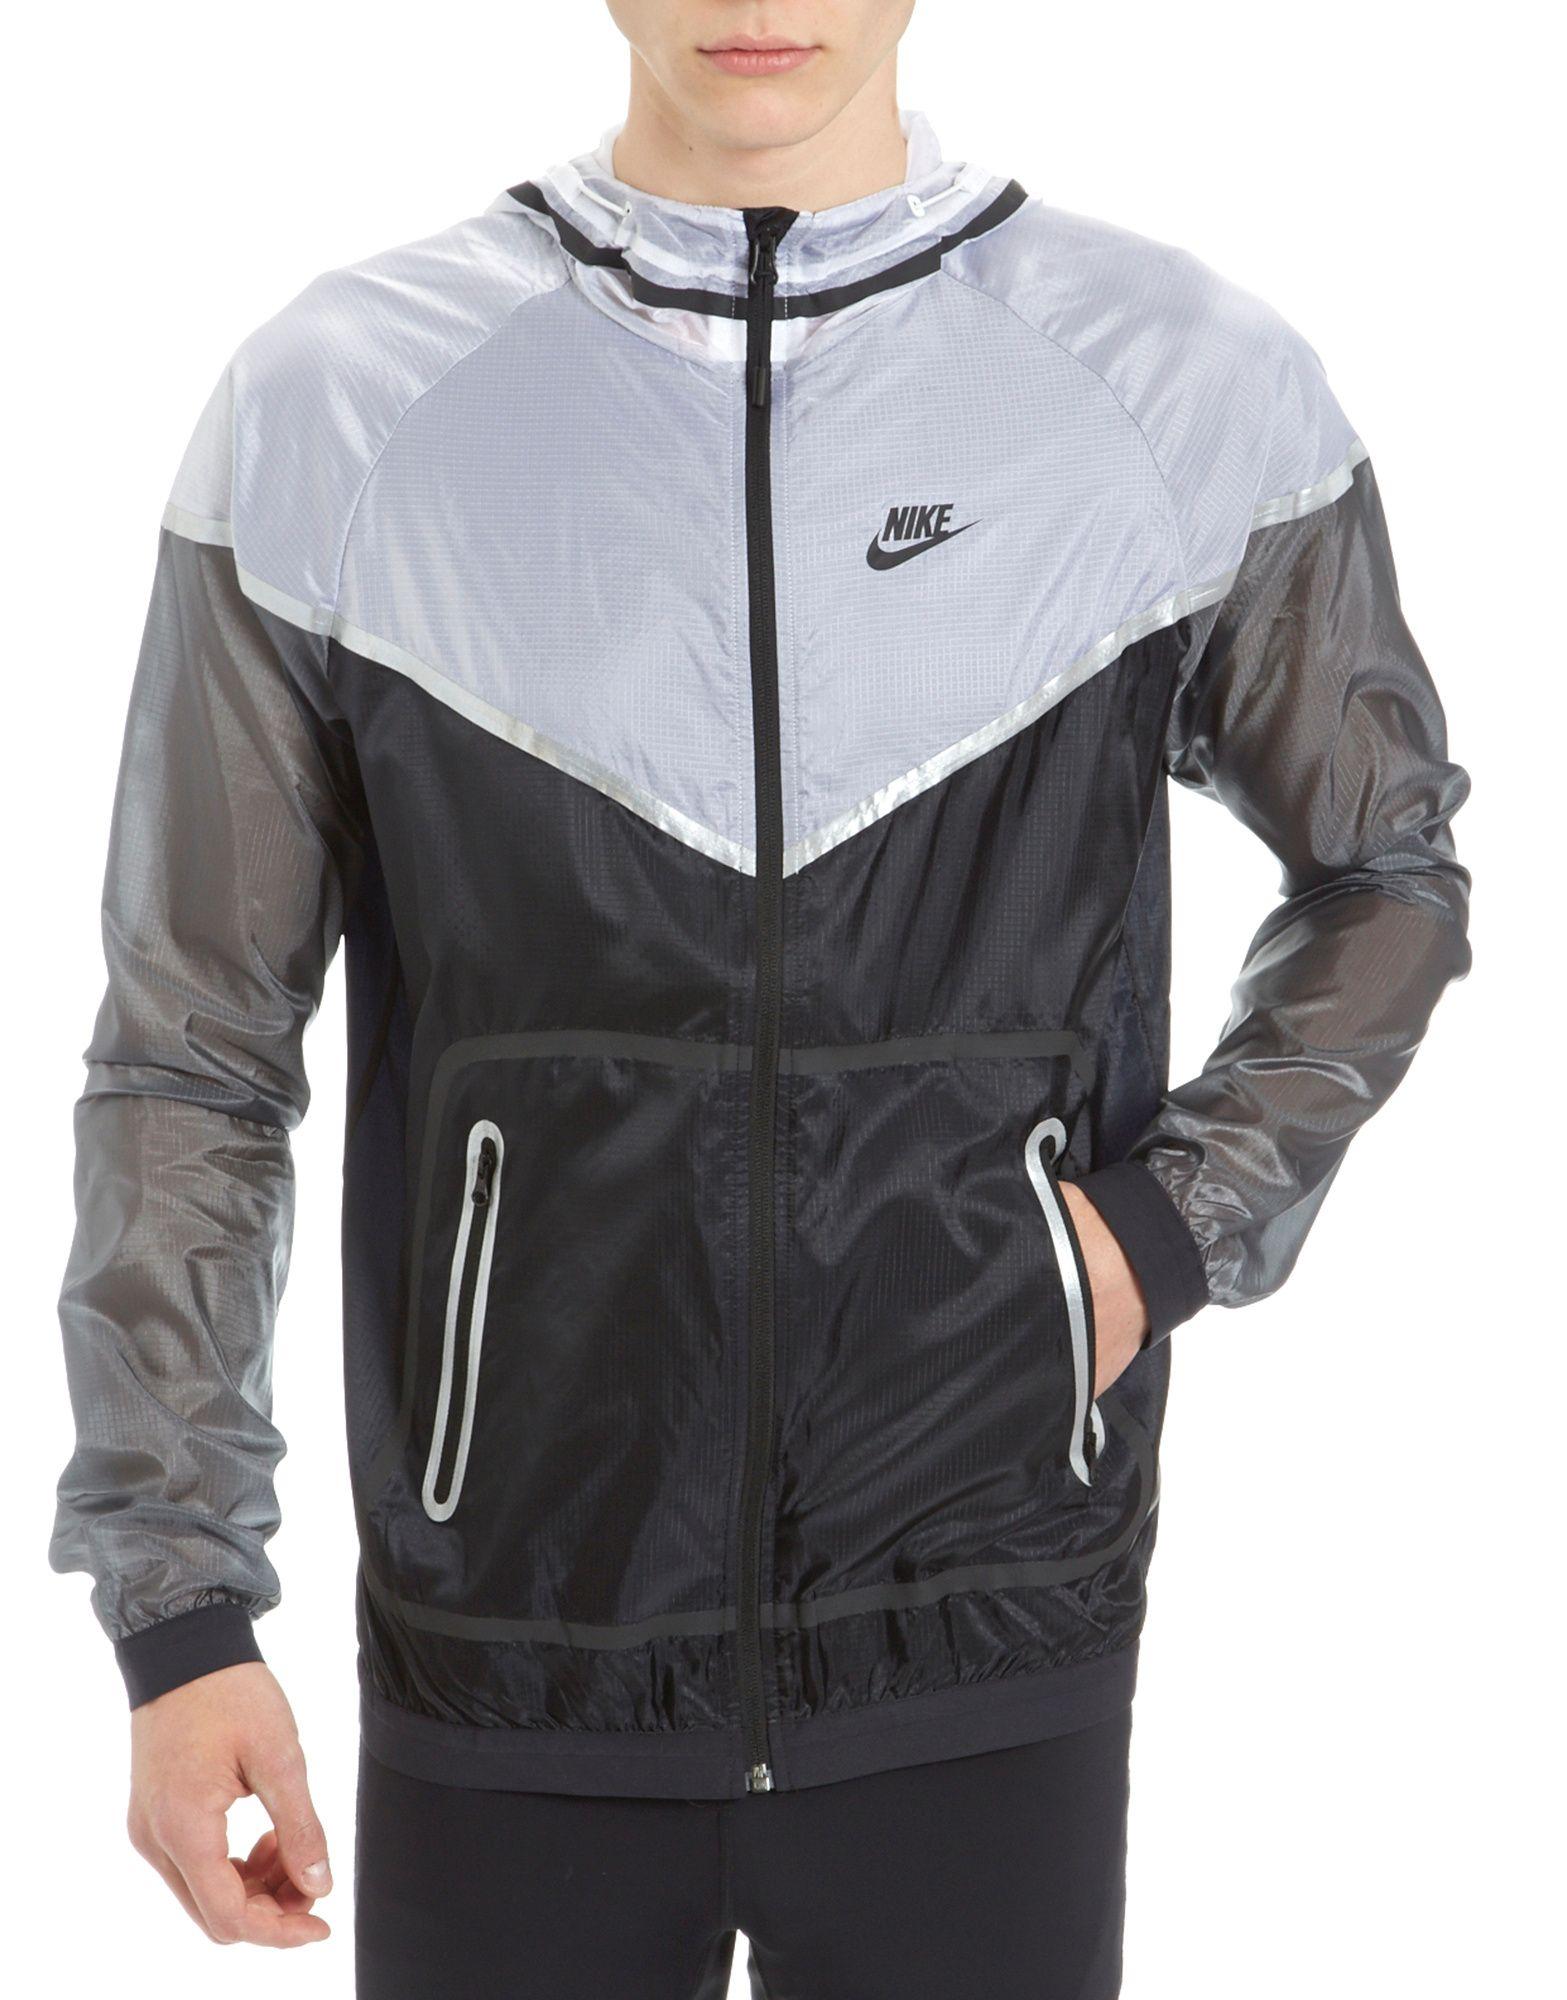 Nike Tech Hyperfuse Windrunner Jacket